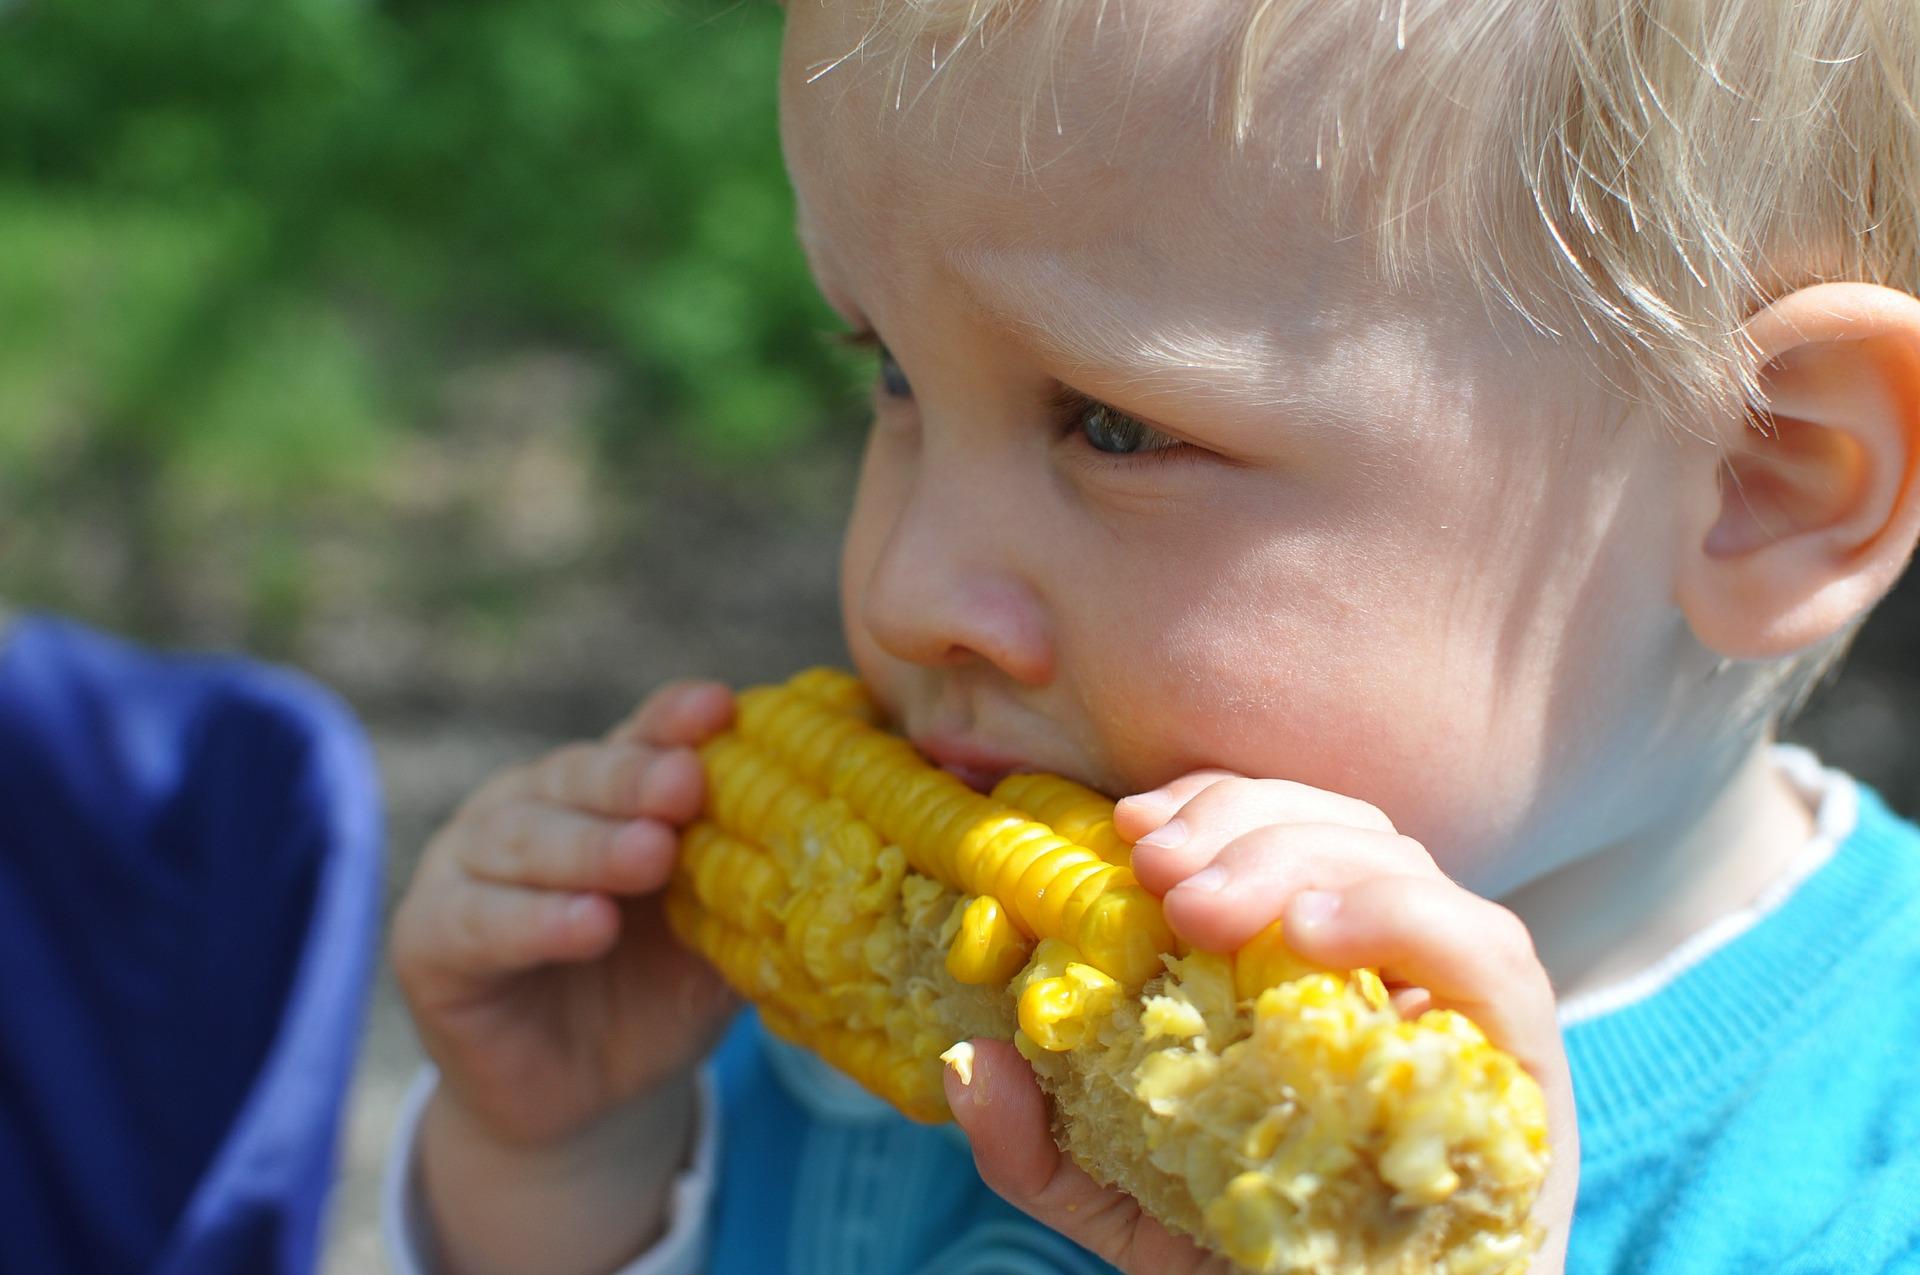 child eating corn.jpg